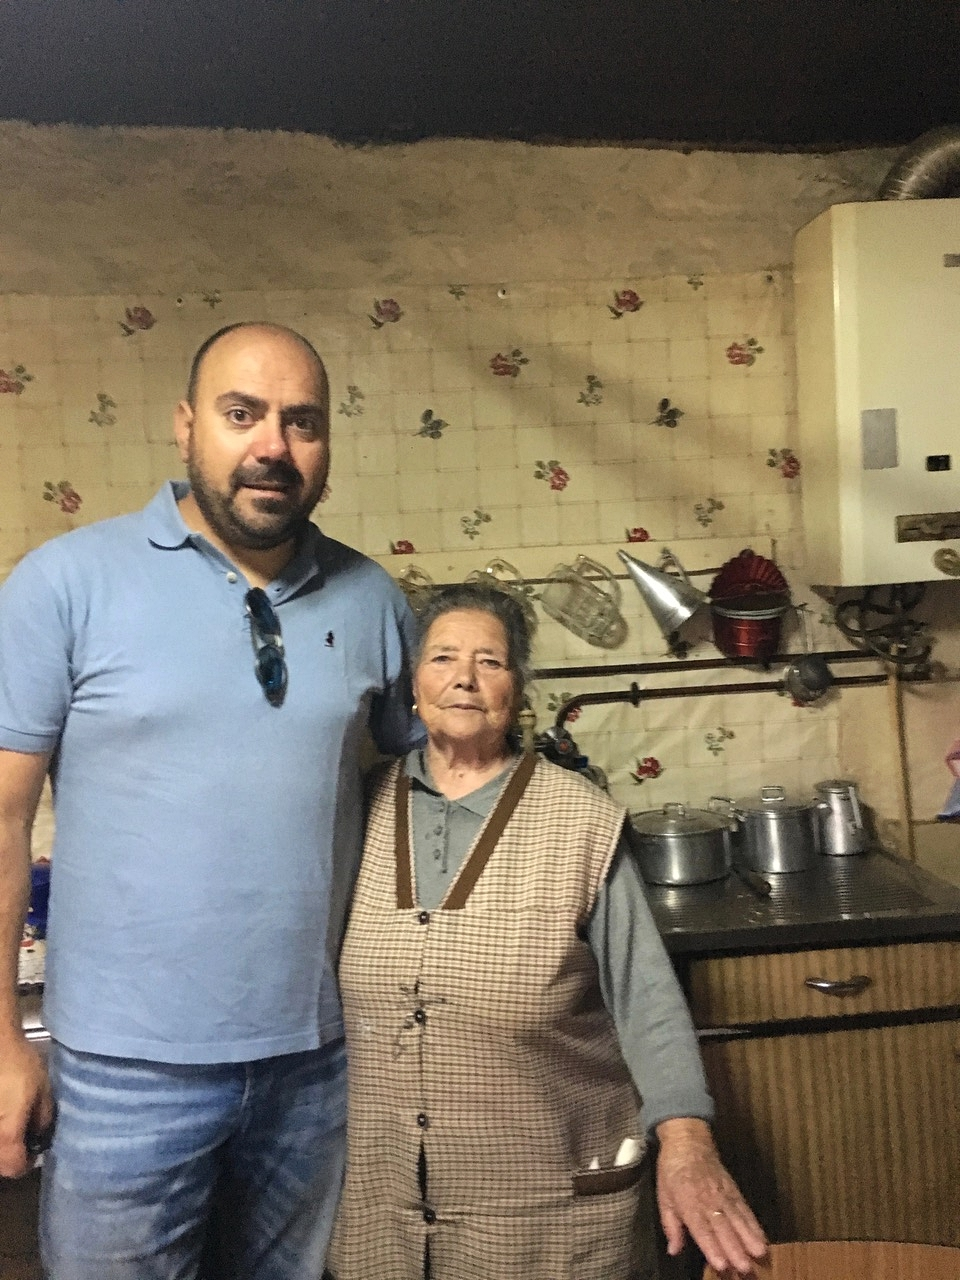 Ao lado de uma grande Senhora! Obrigado avó Maria por tudo o que me tem ensinado. Toda a vida a cozinhar para a família de uma forma singular!Tenho a maior sorte do mundo, quando posso lá estou eu em Alfândega da Fé.